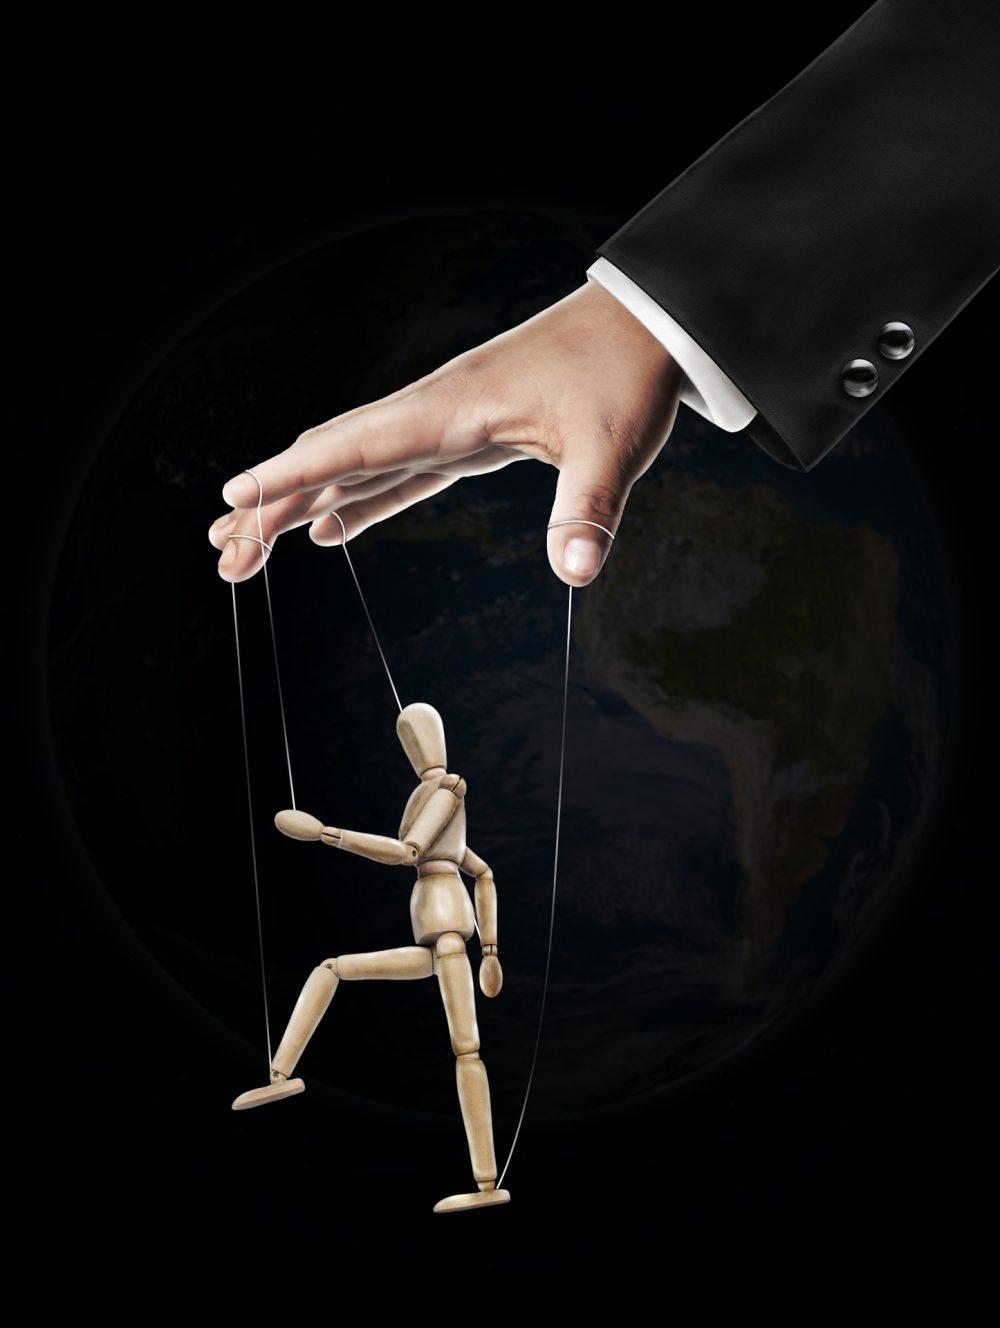 Eine Marionette zur Verhaltensmanipulation